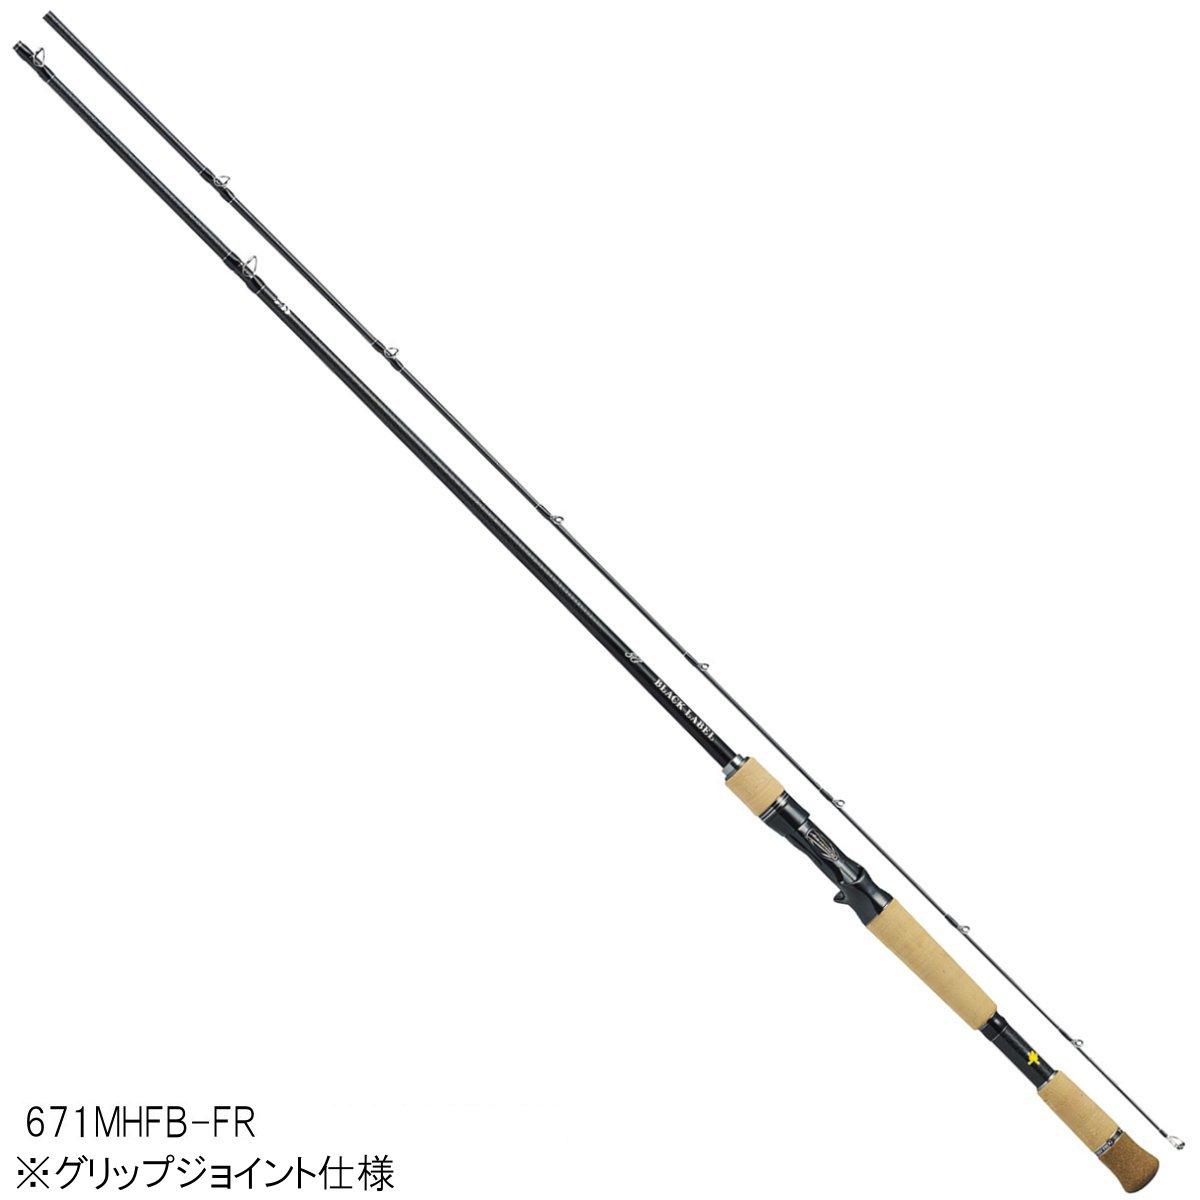 ダイワ ブラックレーベル SG(ベイトキャスティングモデル) 671MHFB-FR【大型商品】